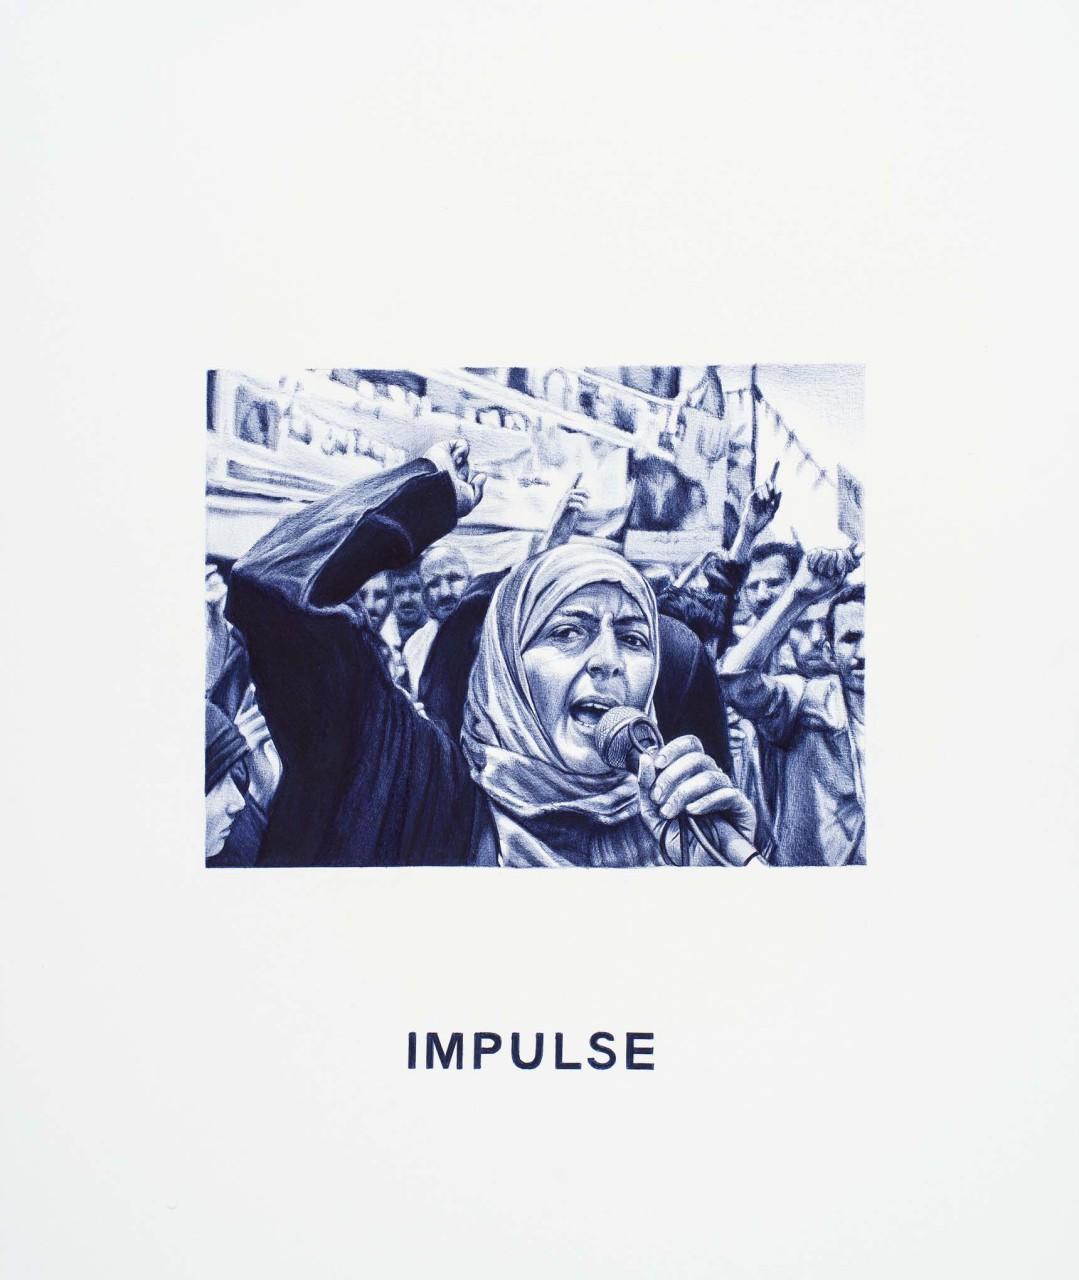 impulse_bassa